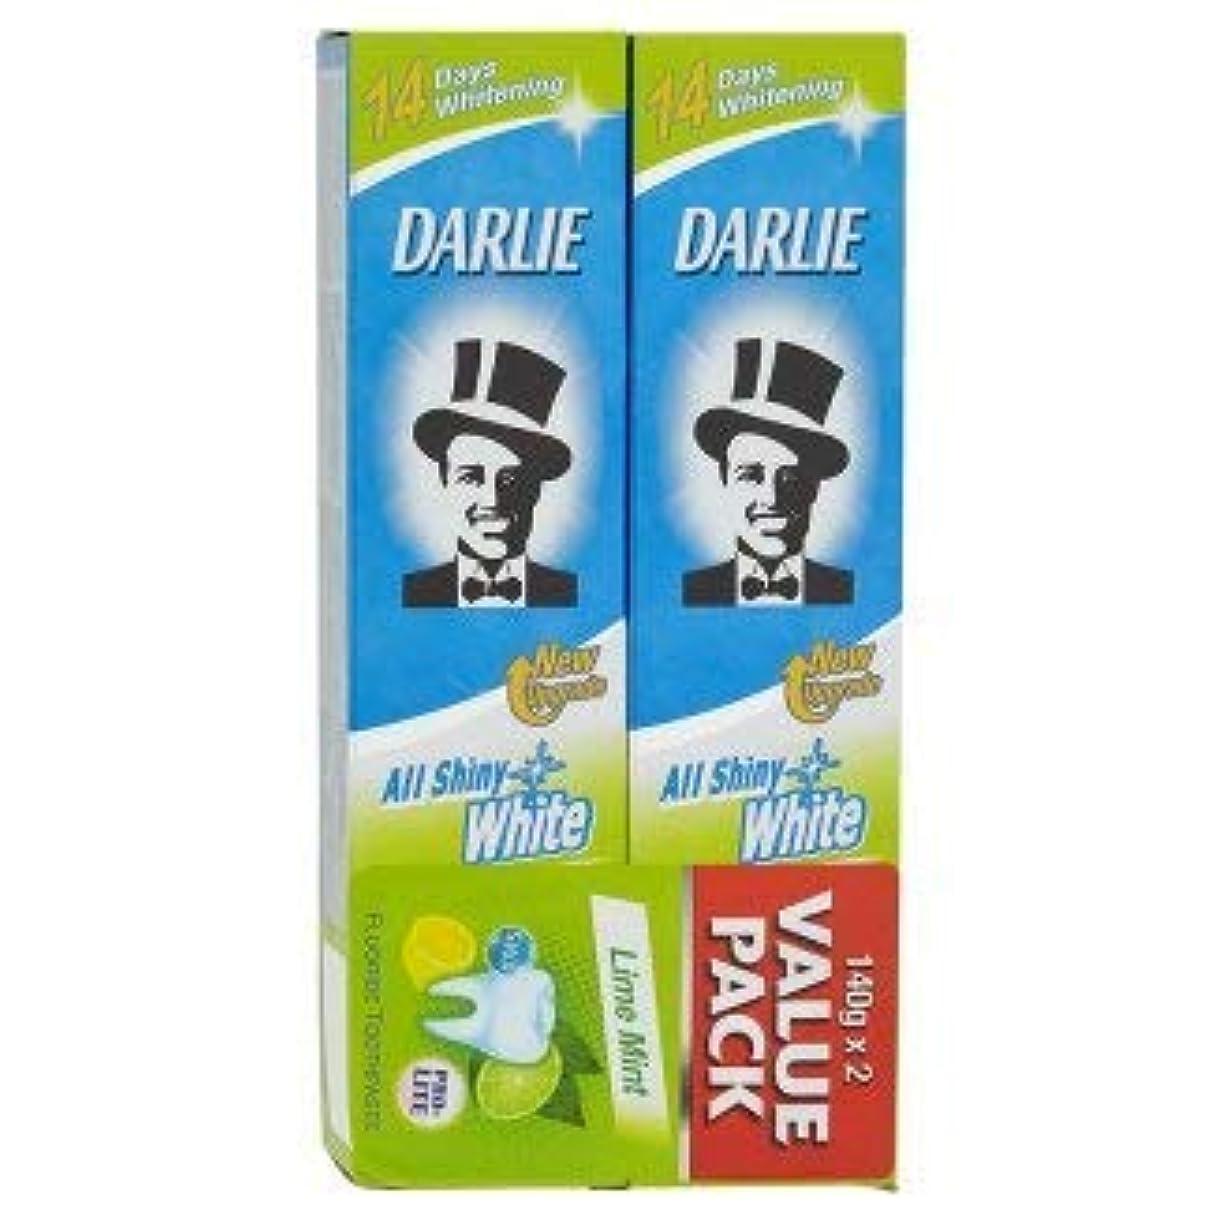 移住する十分にそばにDARLIE 2つの電力可溶性汚れや緩やかな歯のホワイトニングを提供する新しいデュアルホワイトニングシステム - 全光沢のある白ライムミント140グラム値パックX2を歯磨き粉